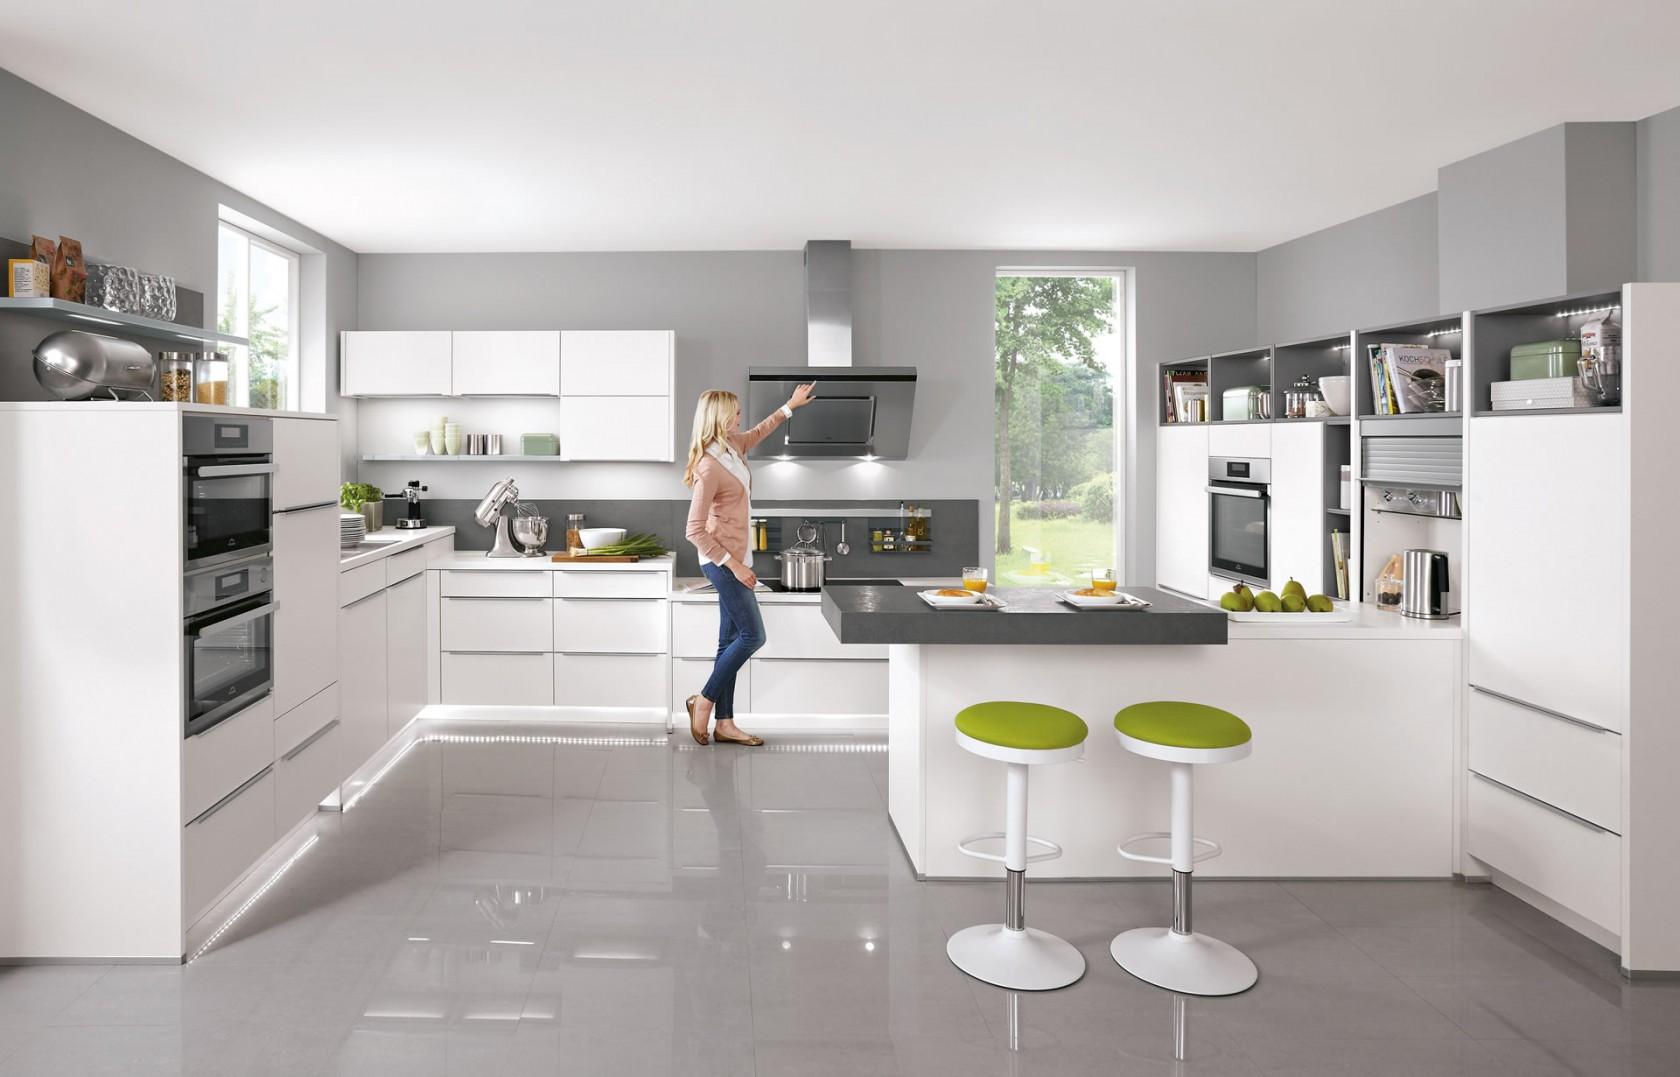 Küchenstudio | Küchen Nordhorn, Möbel Nordhorn - Möbel Faber